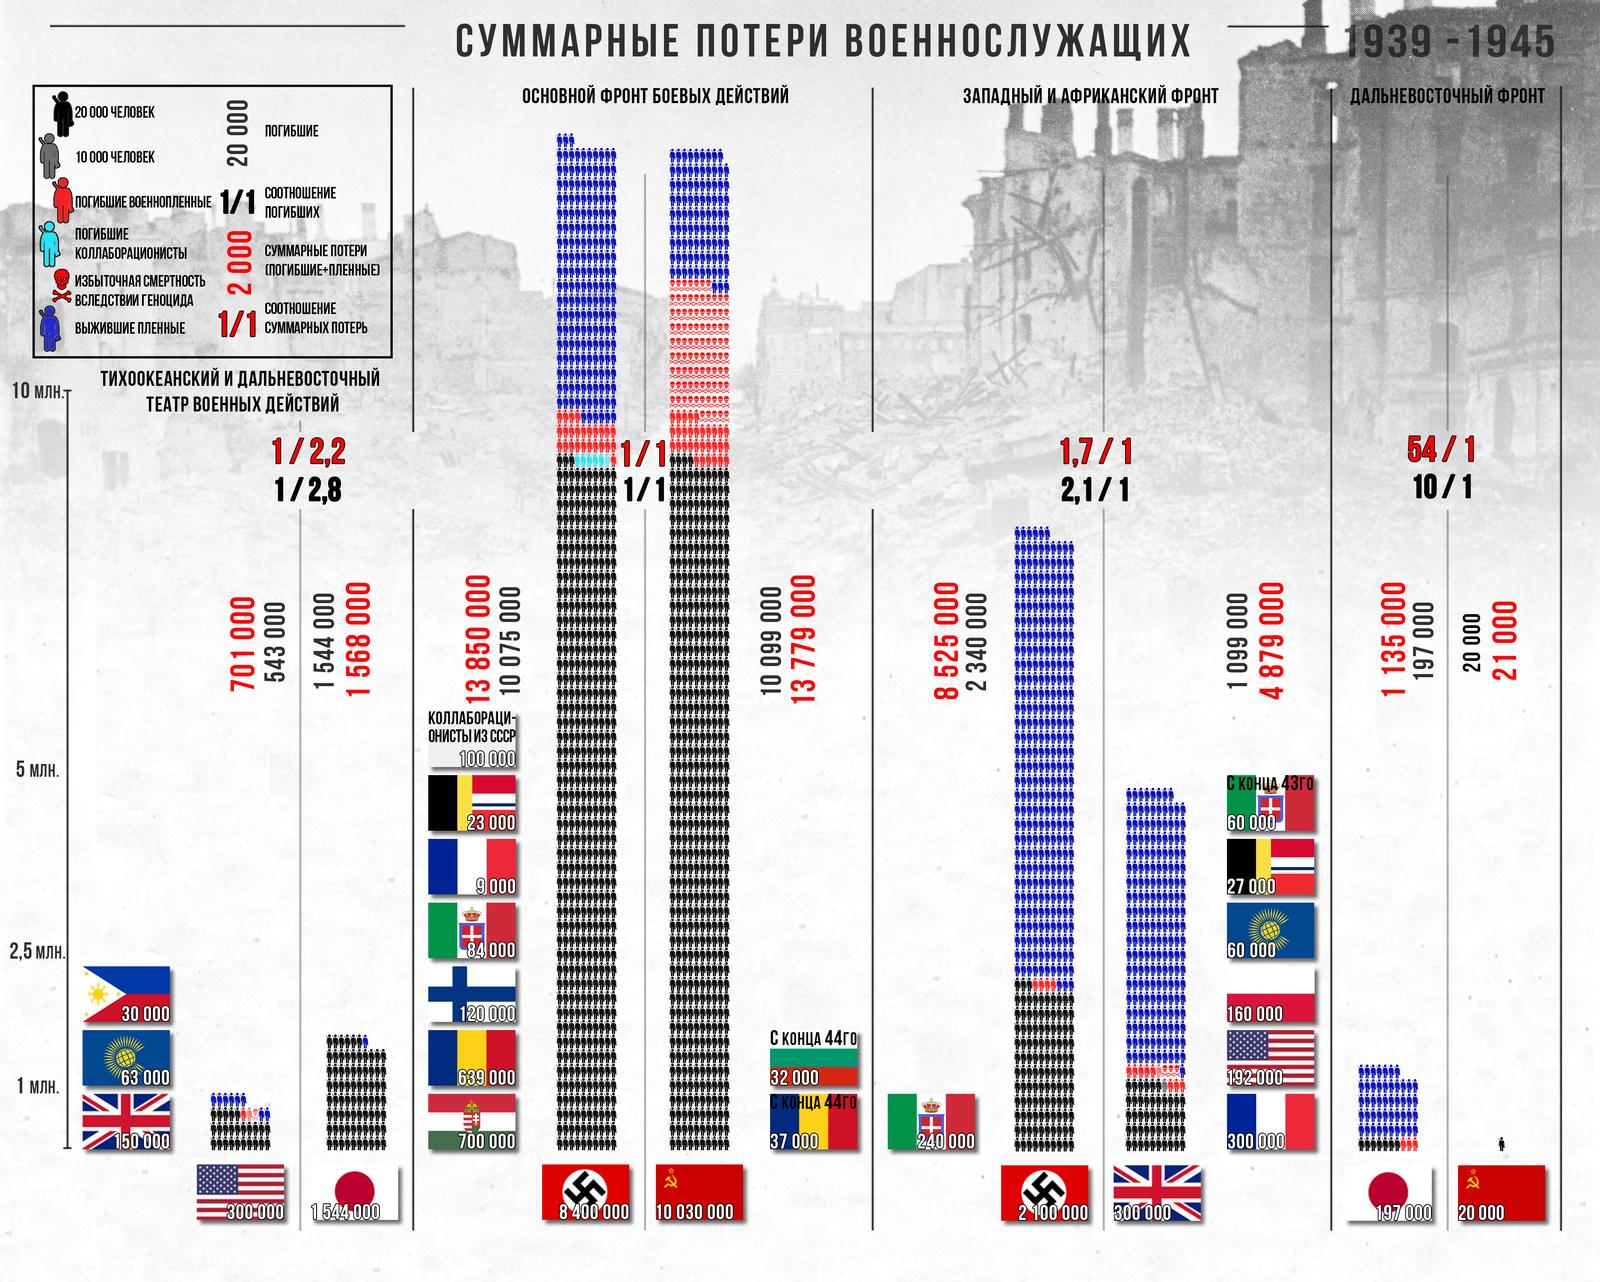 сколько немцев погибло во второй мировой войне